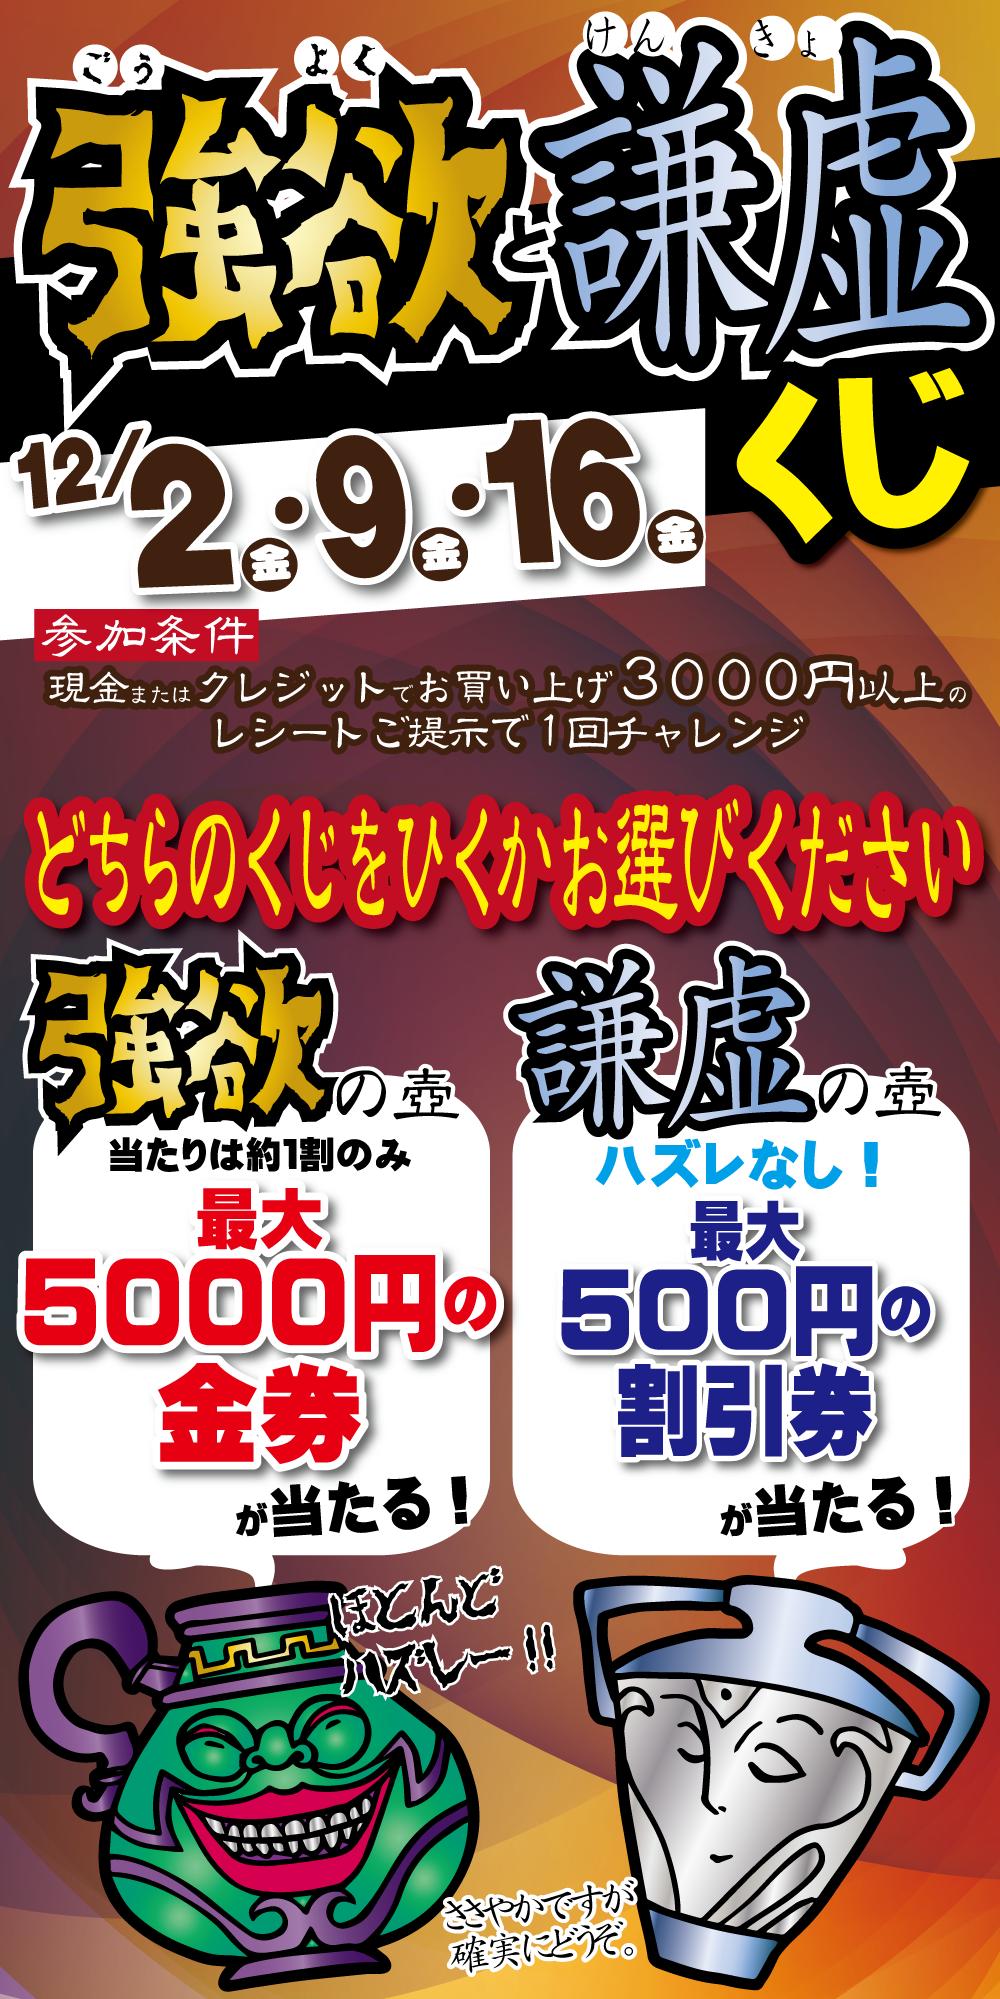 「開放倉庫山城店」2016.12.02.09.16の3週連続金曜日限定!壺クジ実施!